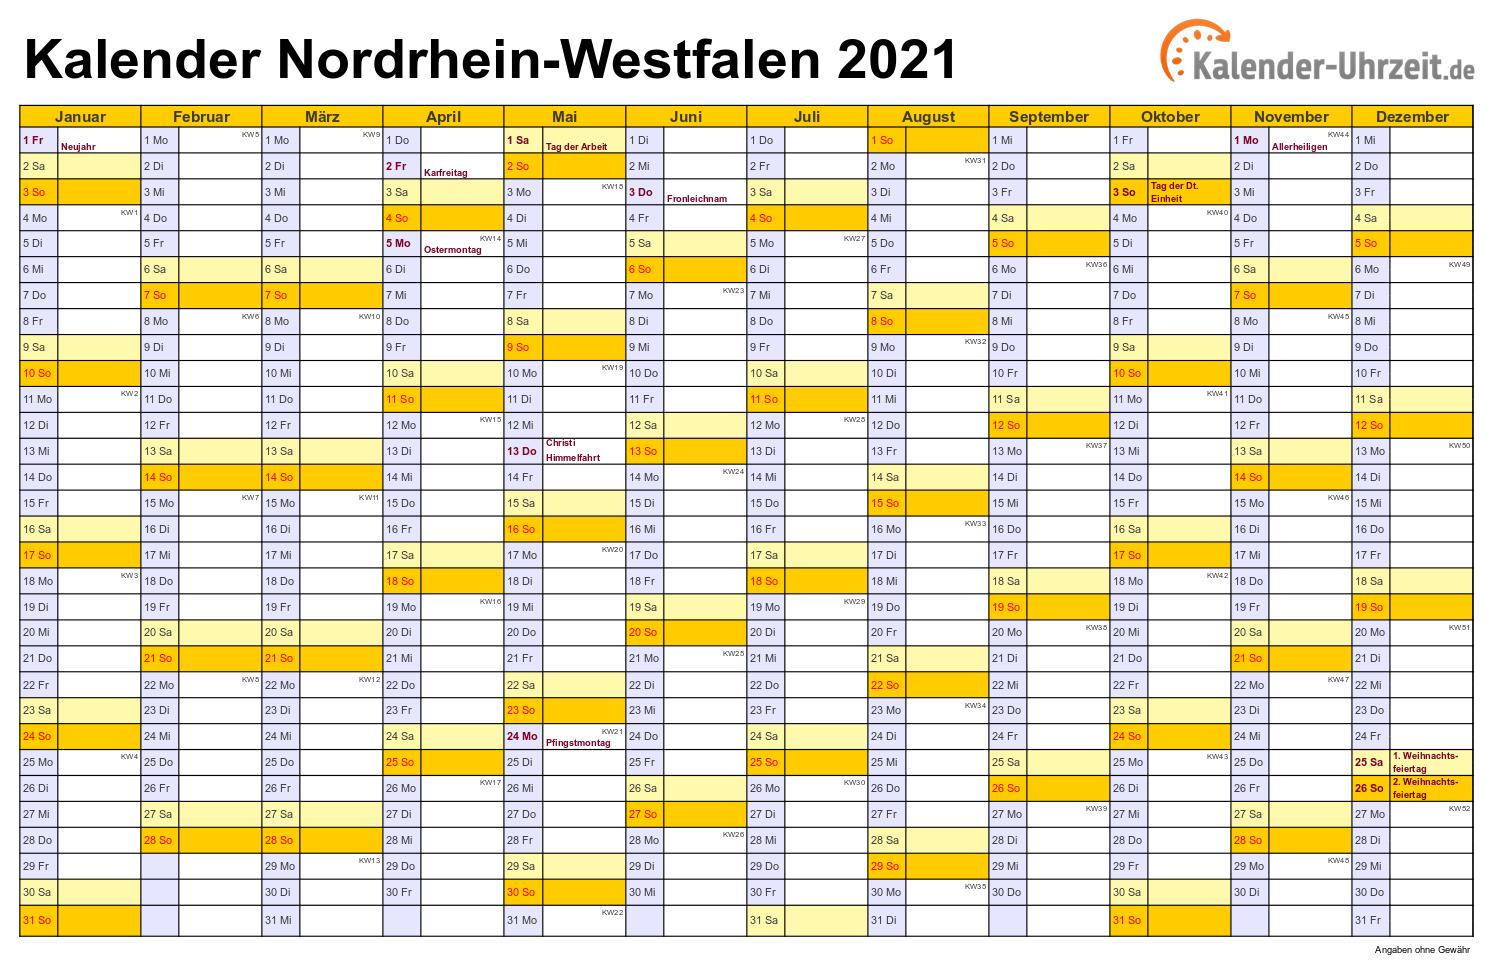 Feiertage 2021 Nordrhein-Westfalen + Kalender